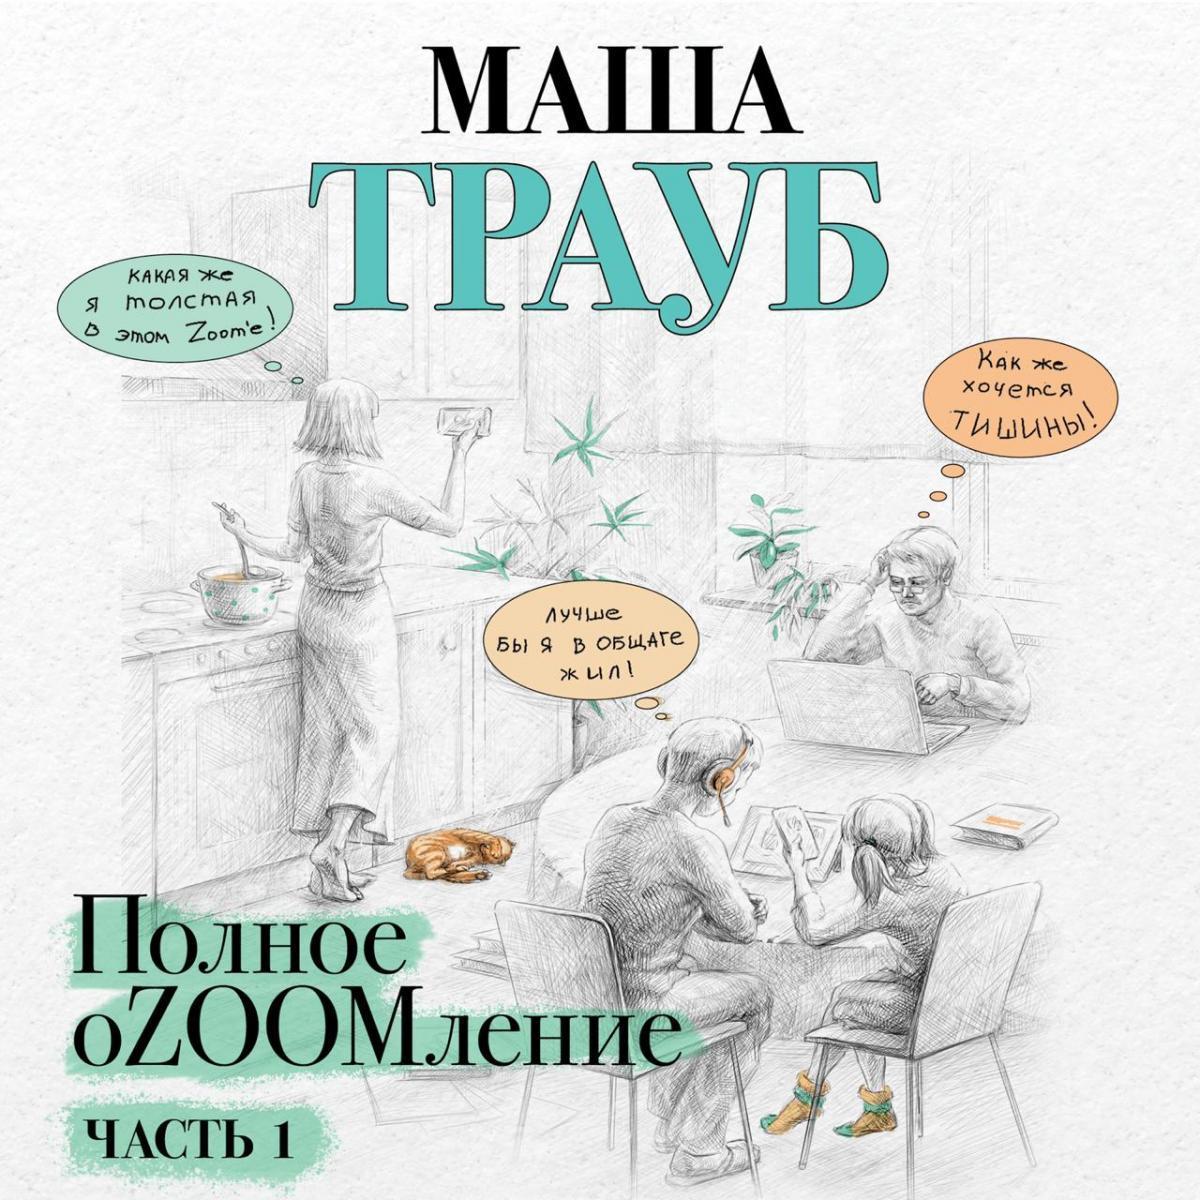 Маша Трауб совместно с MyBook создала книжный сериал «Полное оZOOMление» о буднях простой российской семьи на карантине